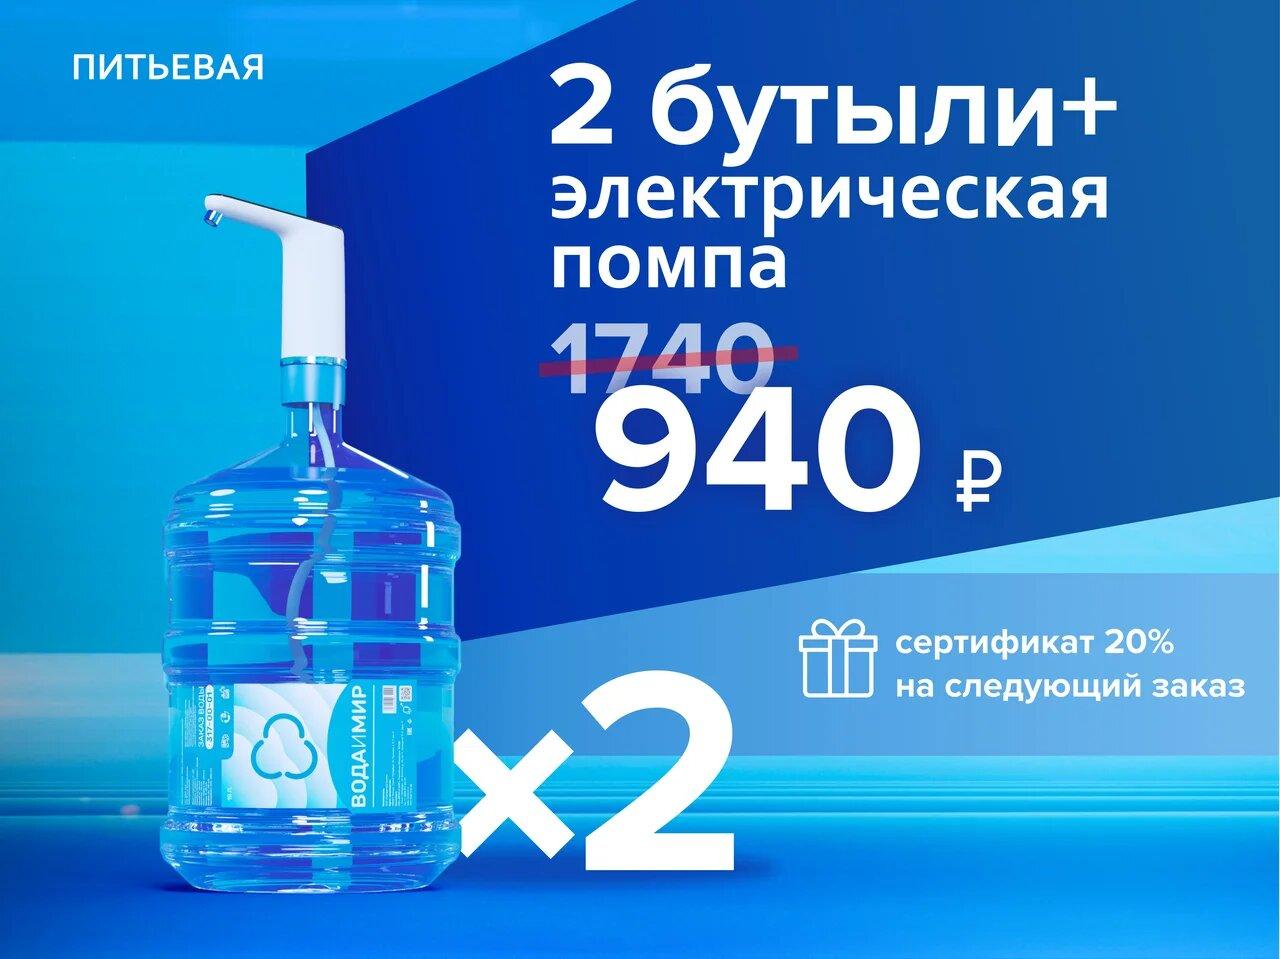 Питьевая вода электр. помпа х2